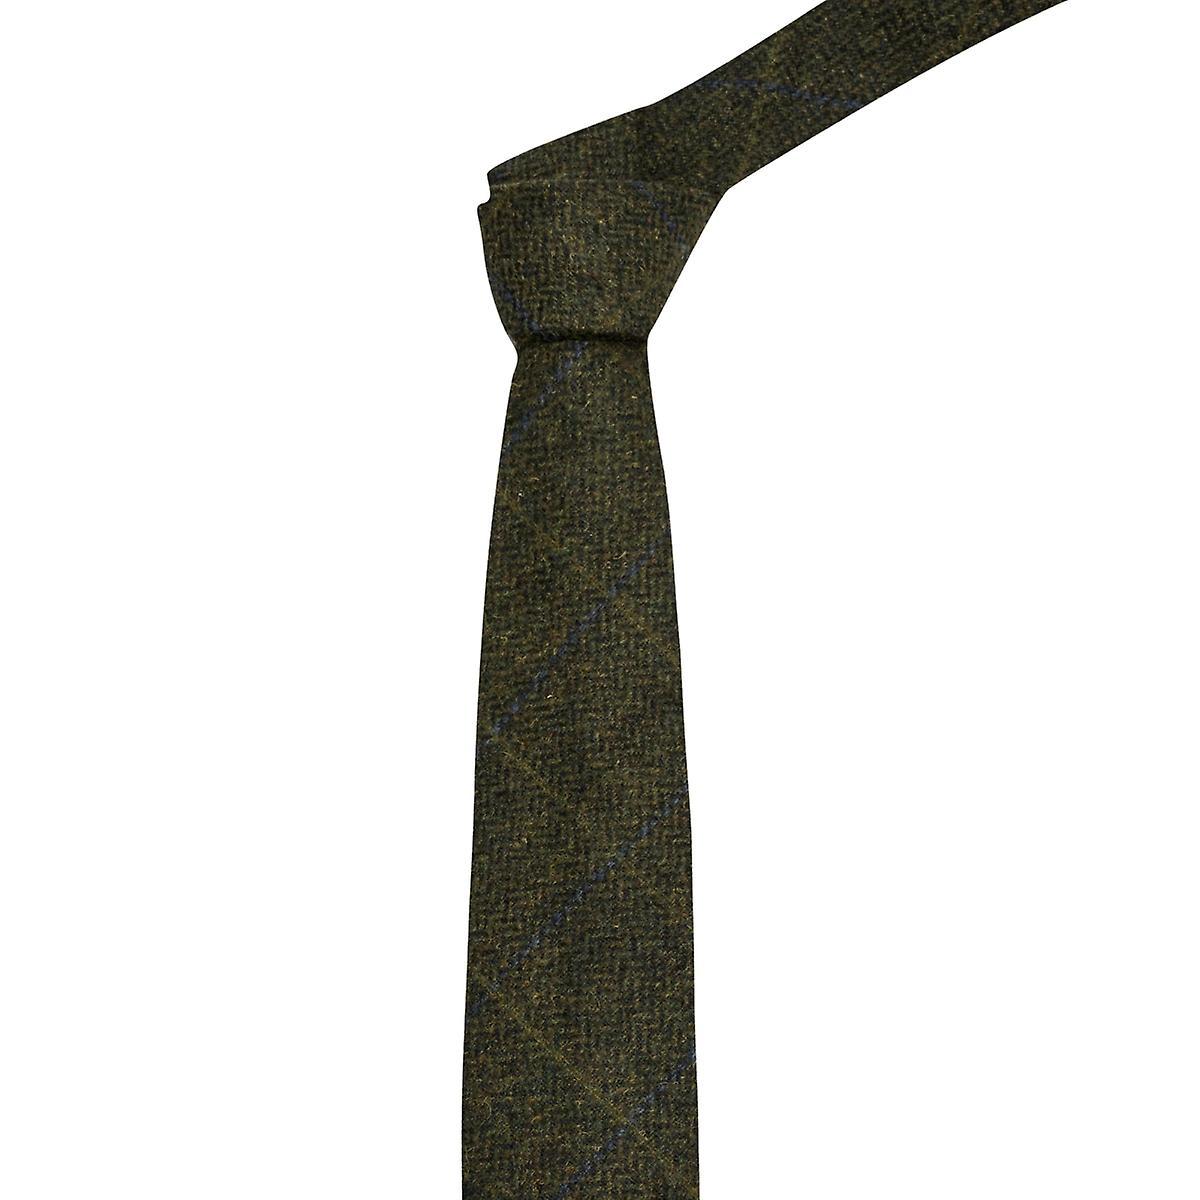 Luxury Juniper Green Herringbone Check Tie, Tweed